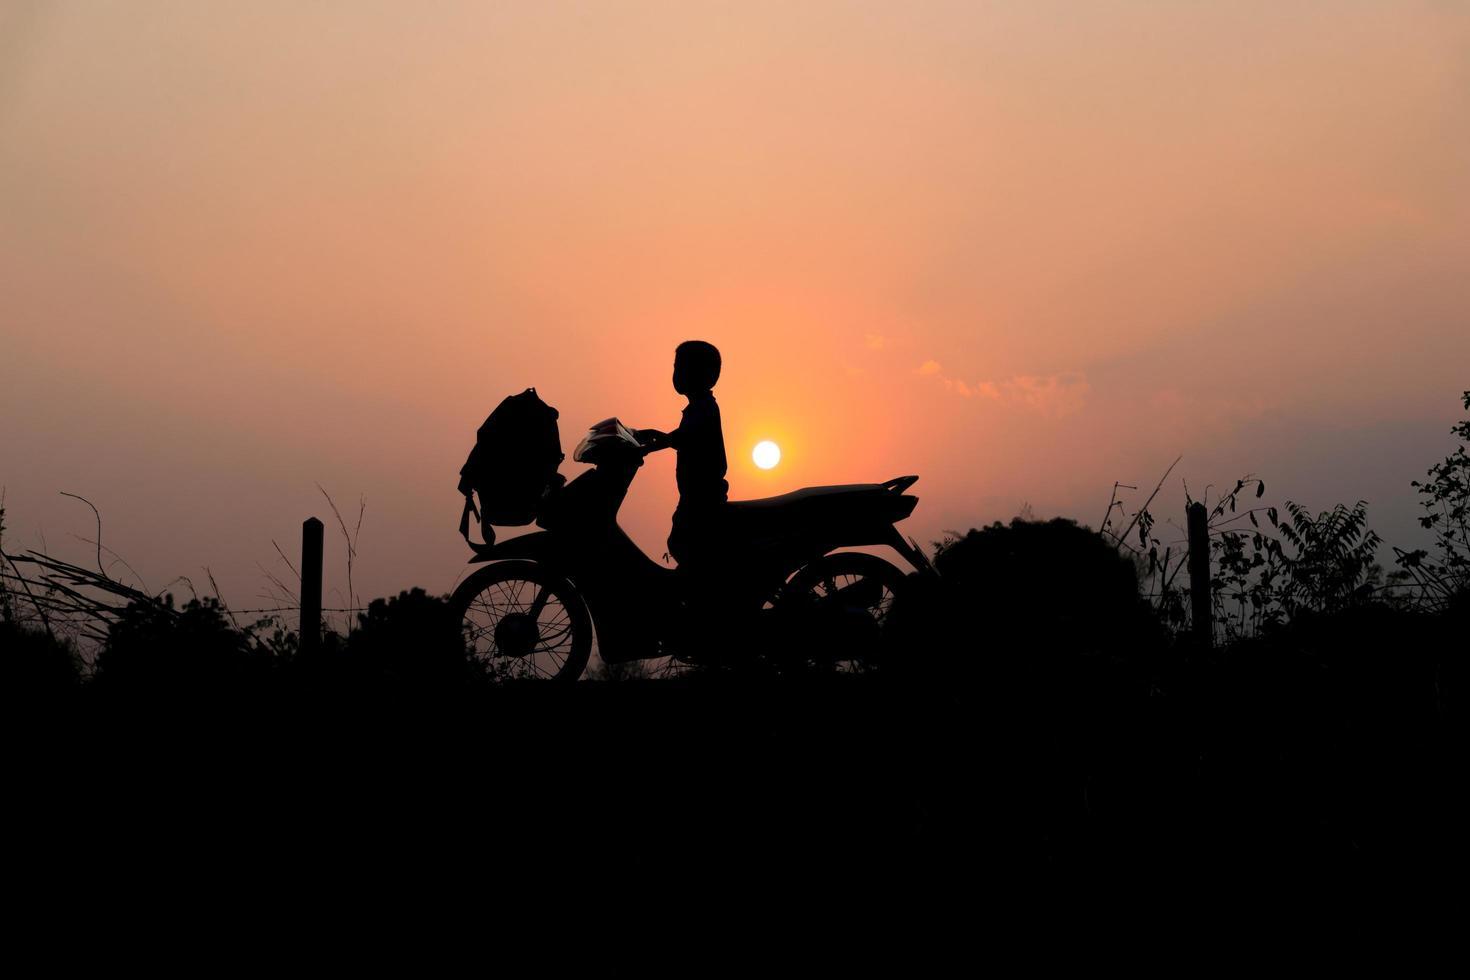 silueta de niño en una motocicleta foto